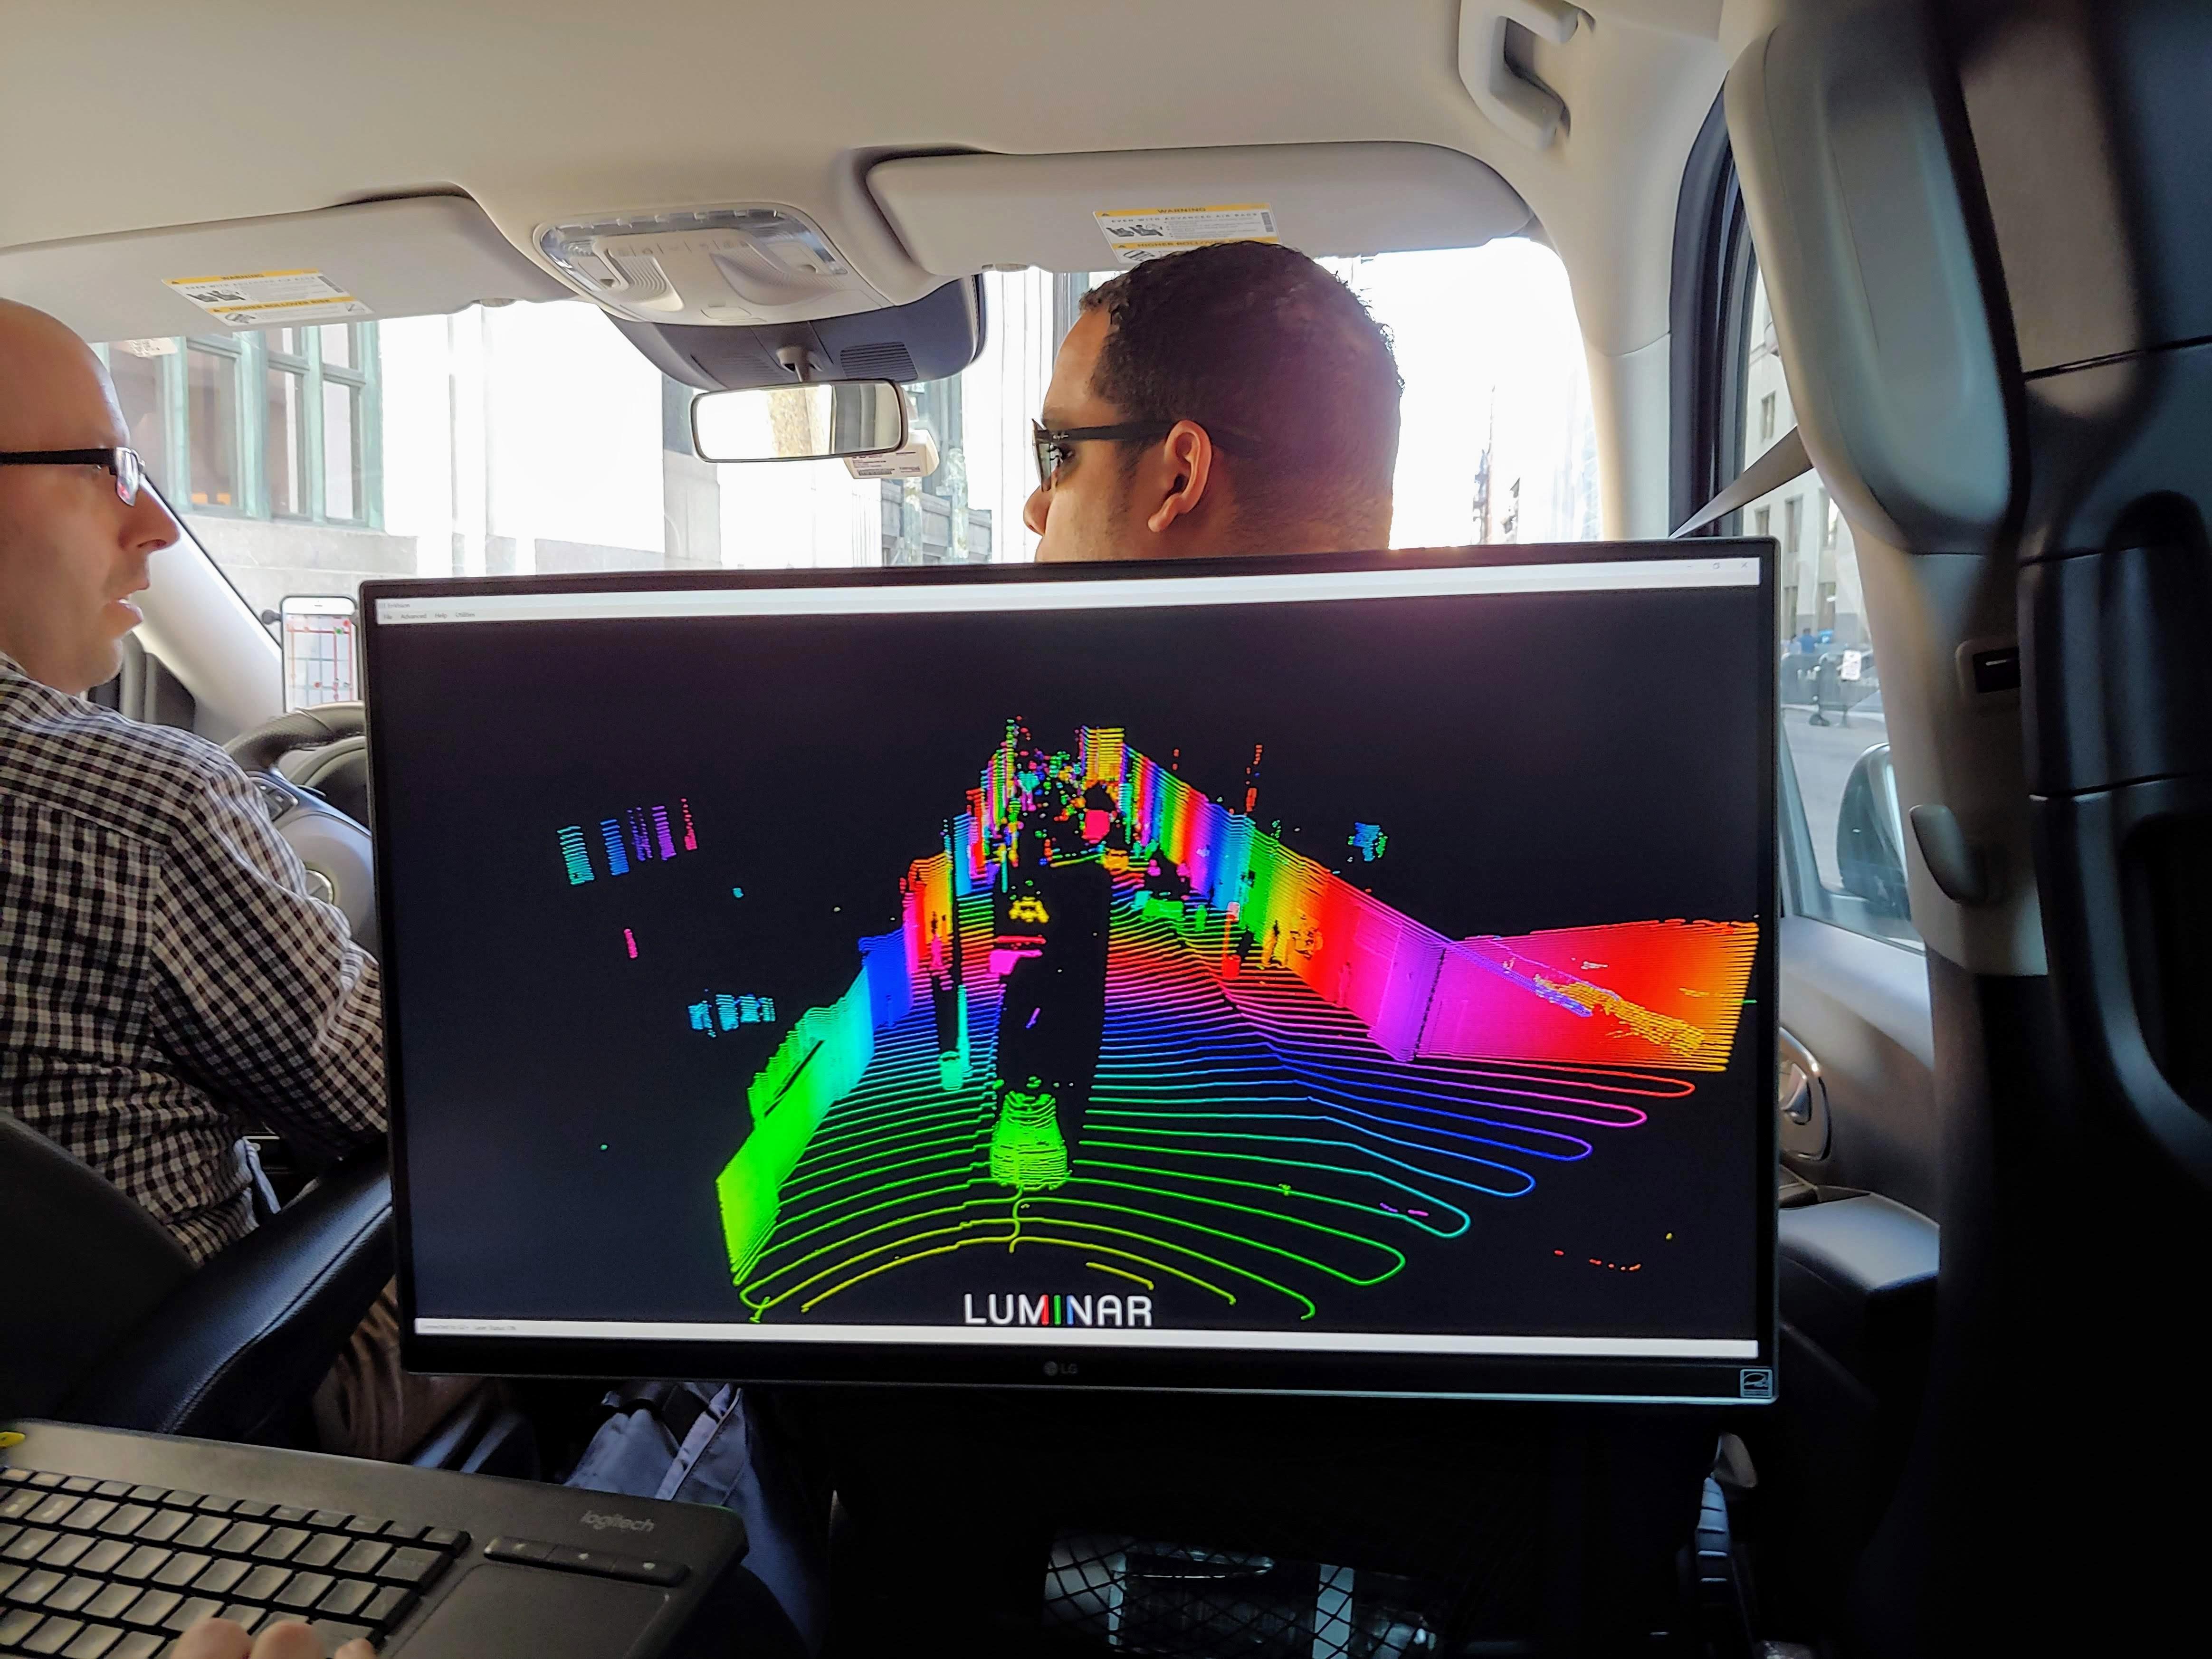 Luminar's lidar gives self-driving cars laser vision   VentureBeat